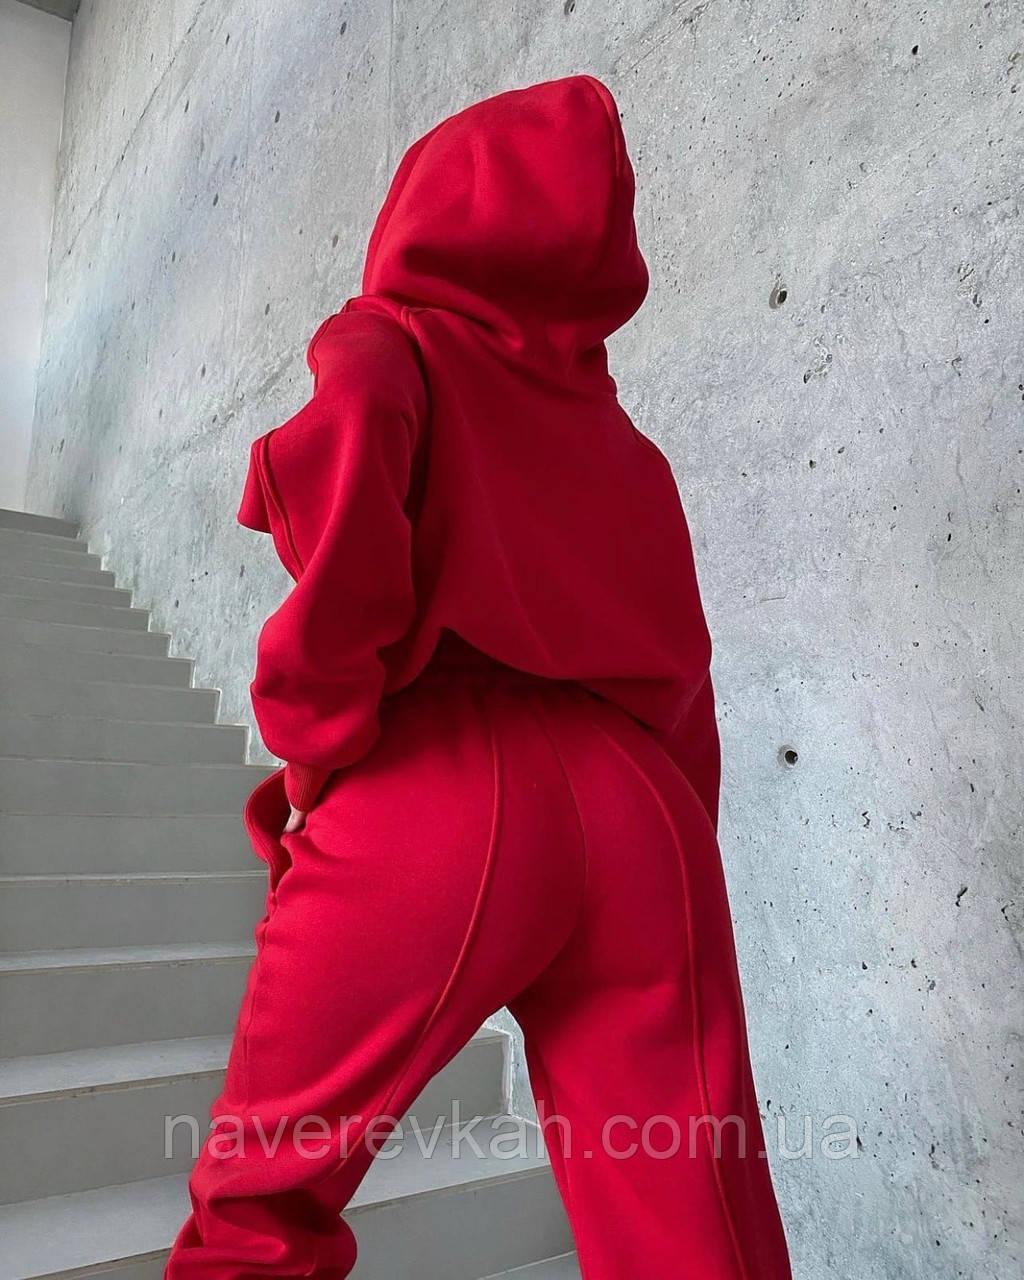 Жіночий зимовий спортивний костюм на флісі трехнитка беж чорний червоний лавандовий 42-44 46-48 (50) стрілками